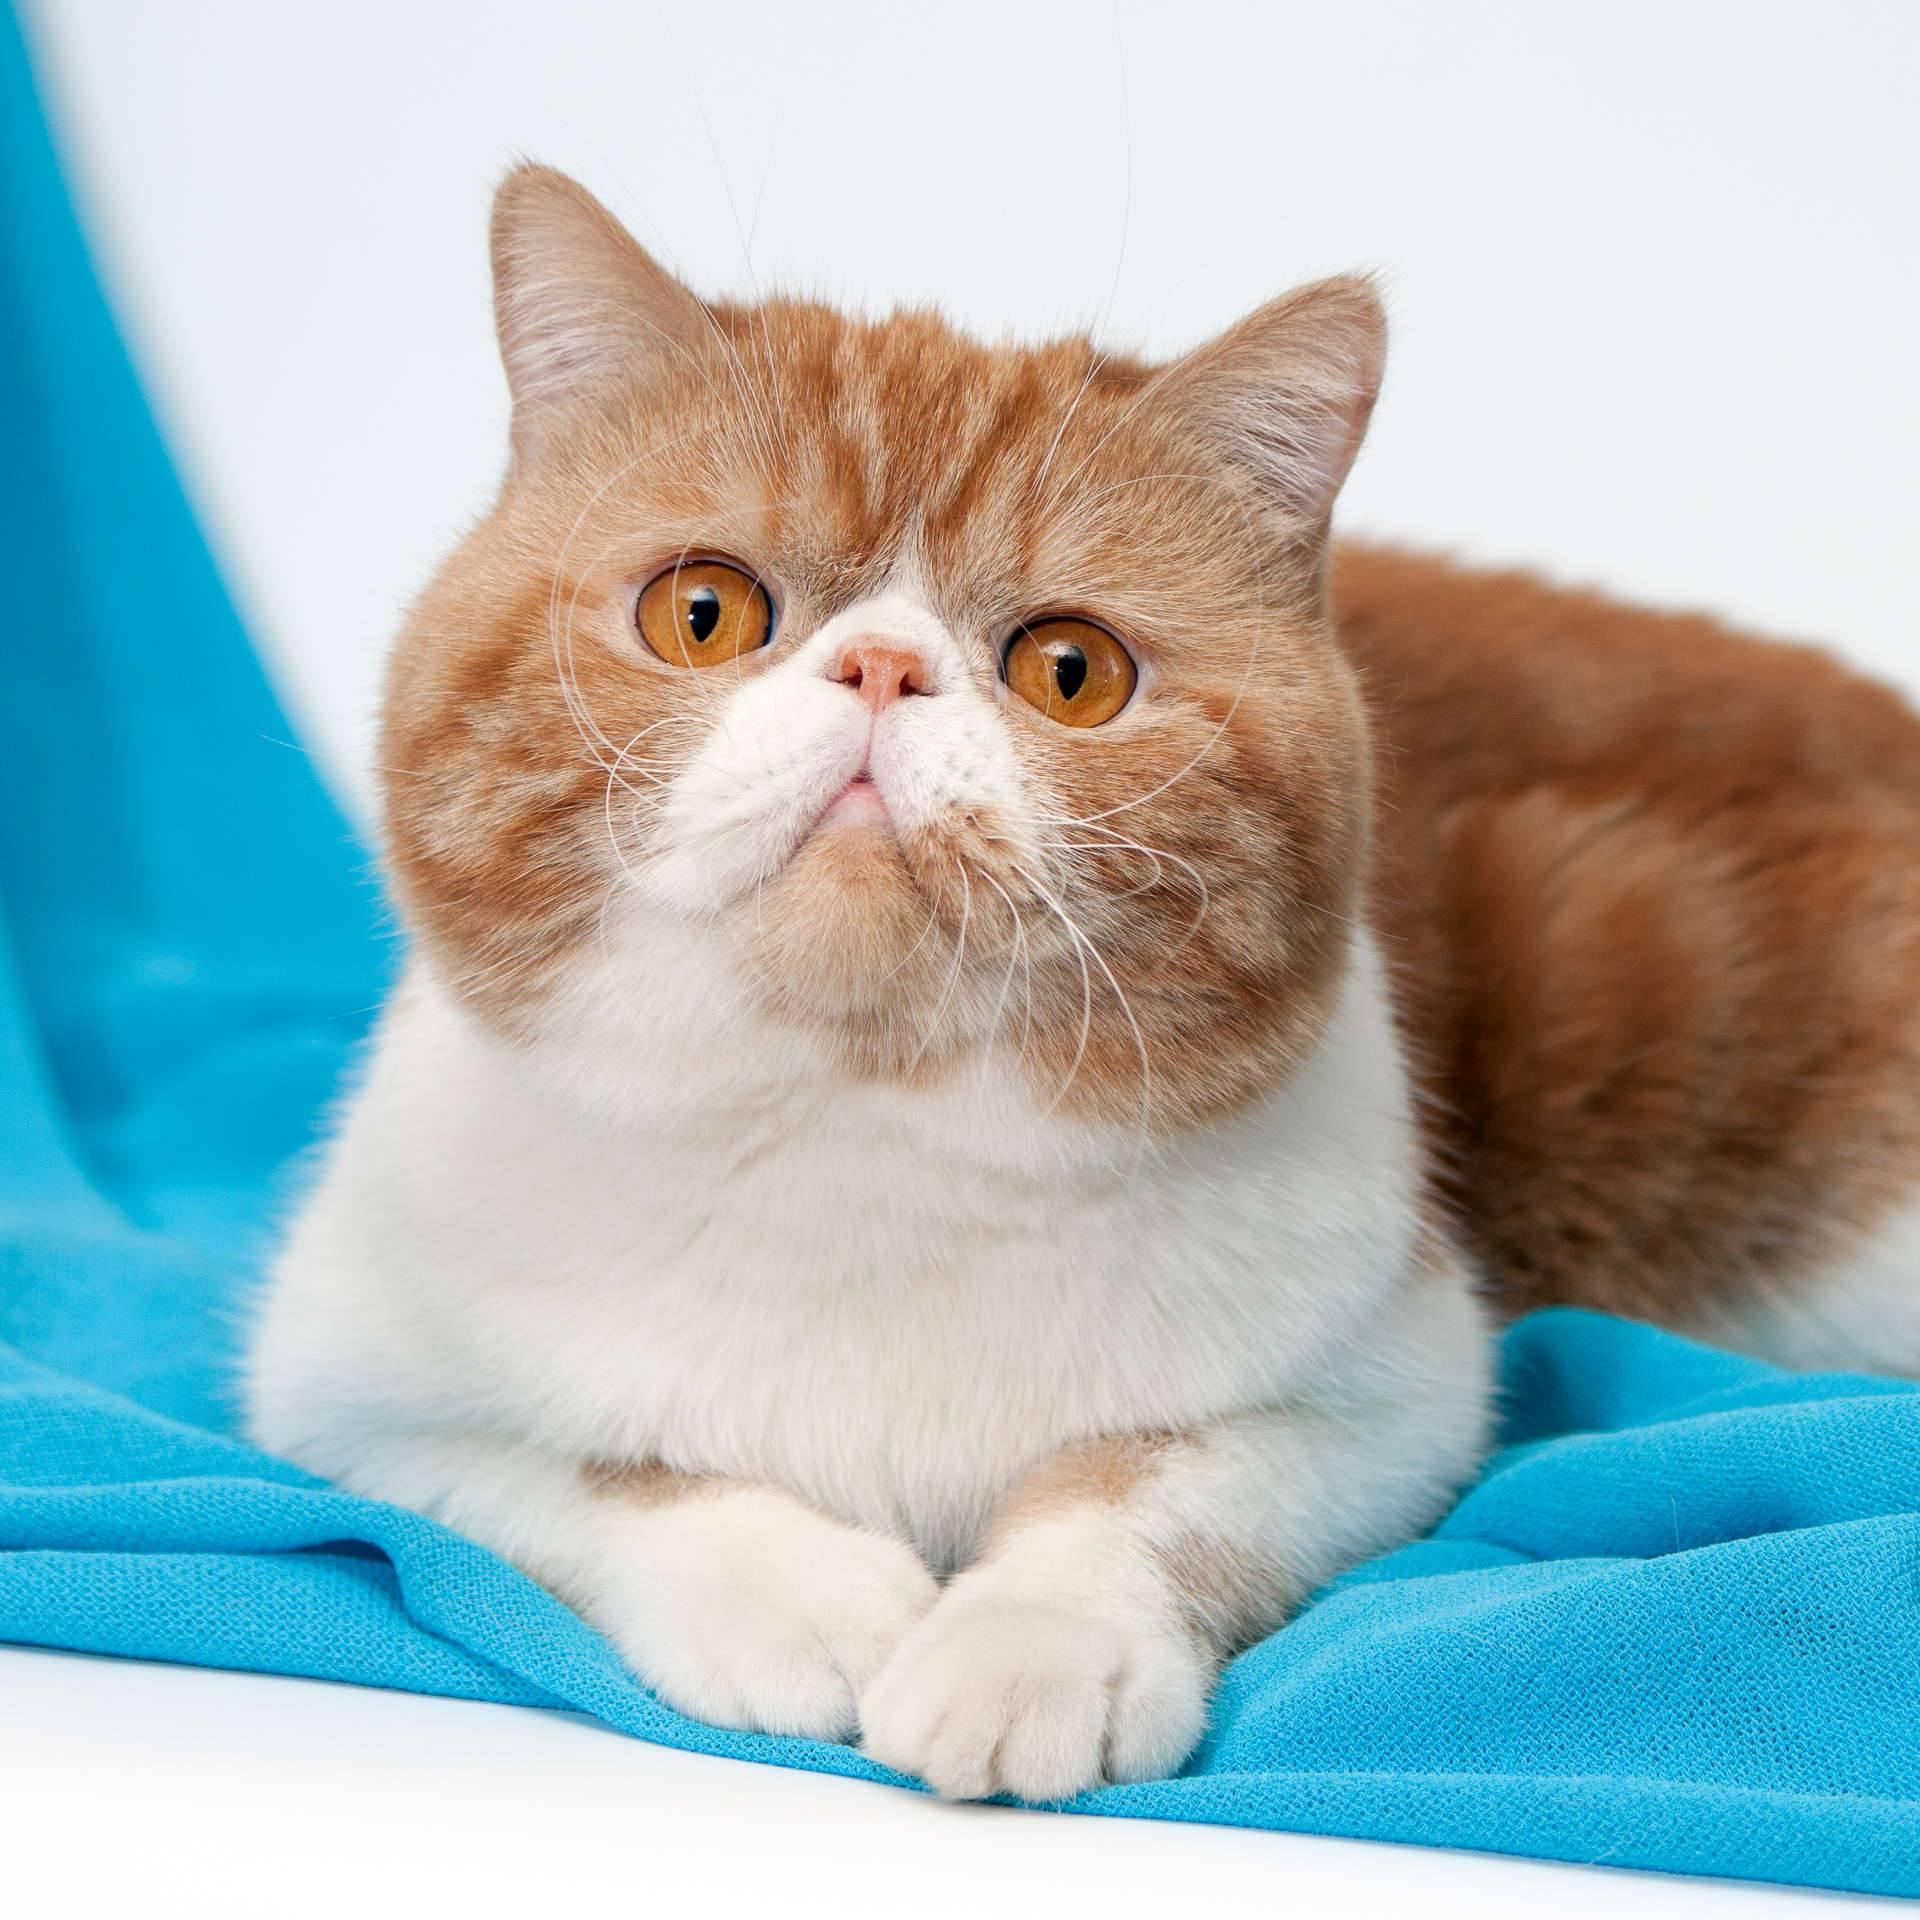 Экзотическая кошка: описание породы, характер, советы по содержанию и уходу, фото экзотов